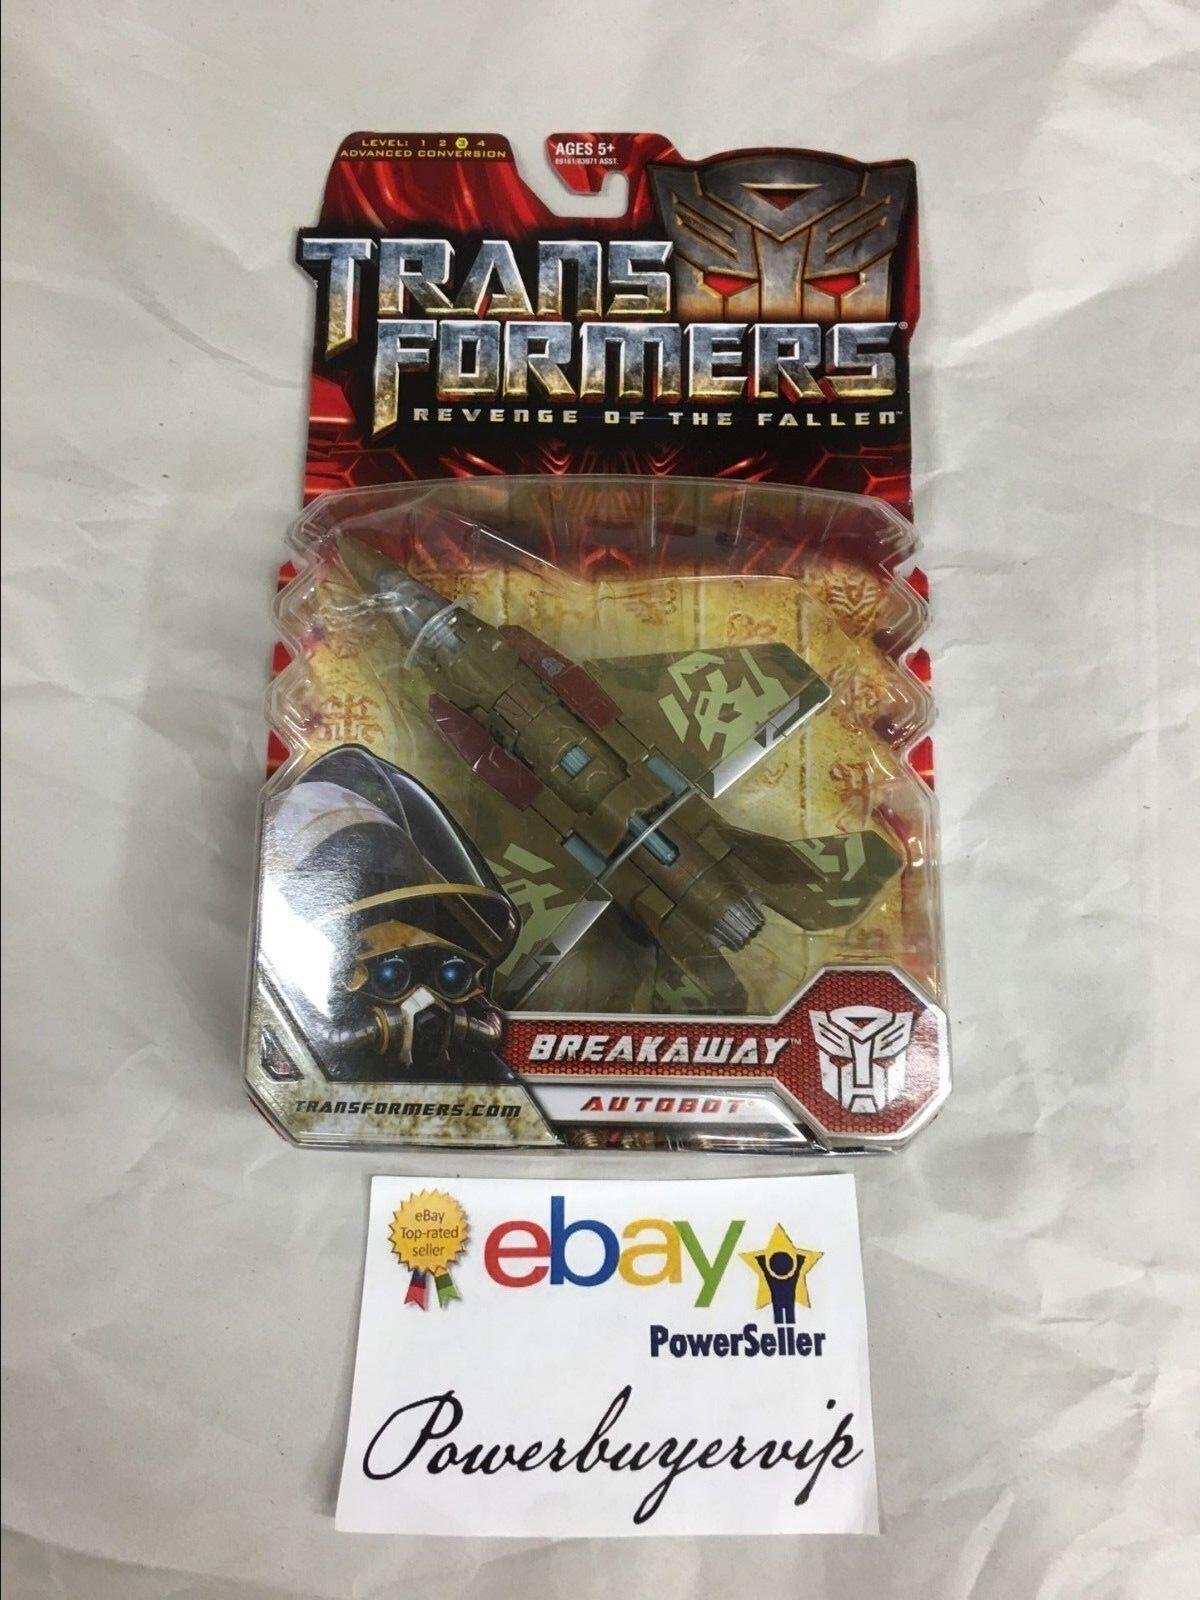 NEW Transformers Deluxe Autobot Breakaway redF Revenge of the Fallen 2 DAY GET